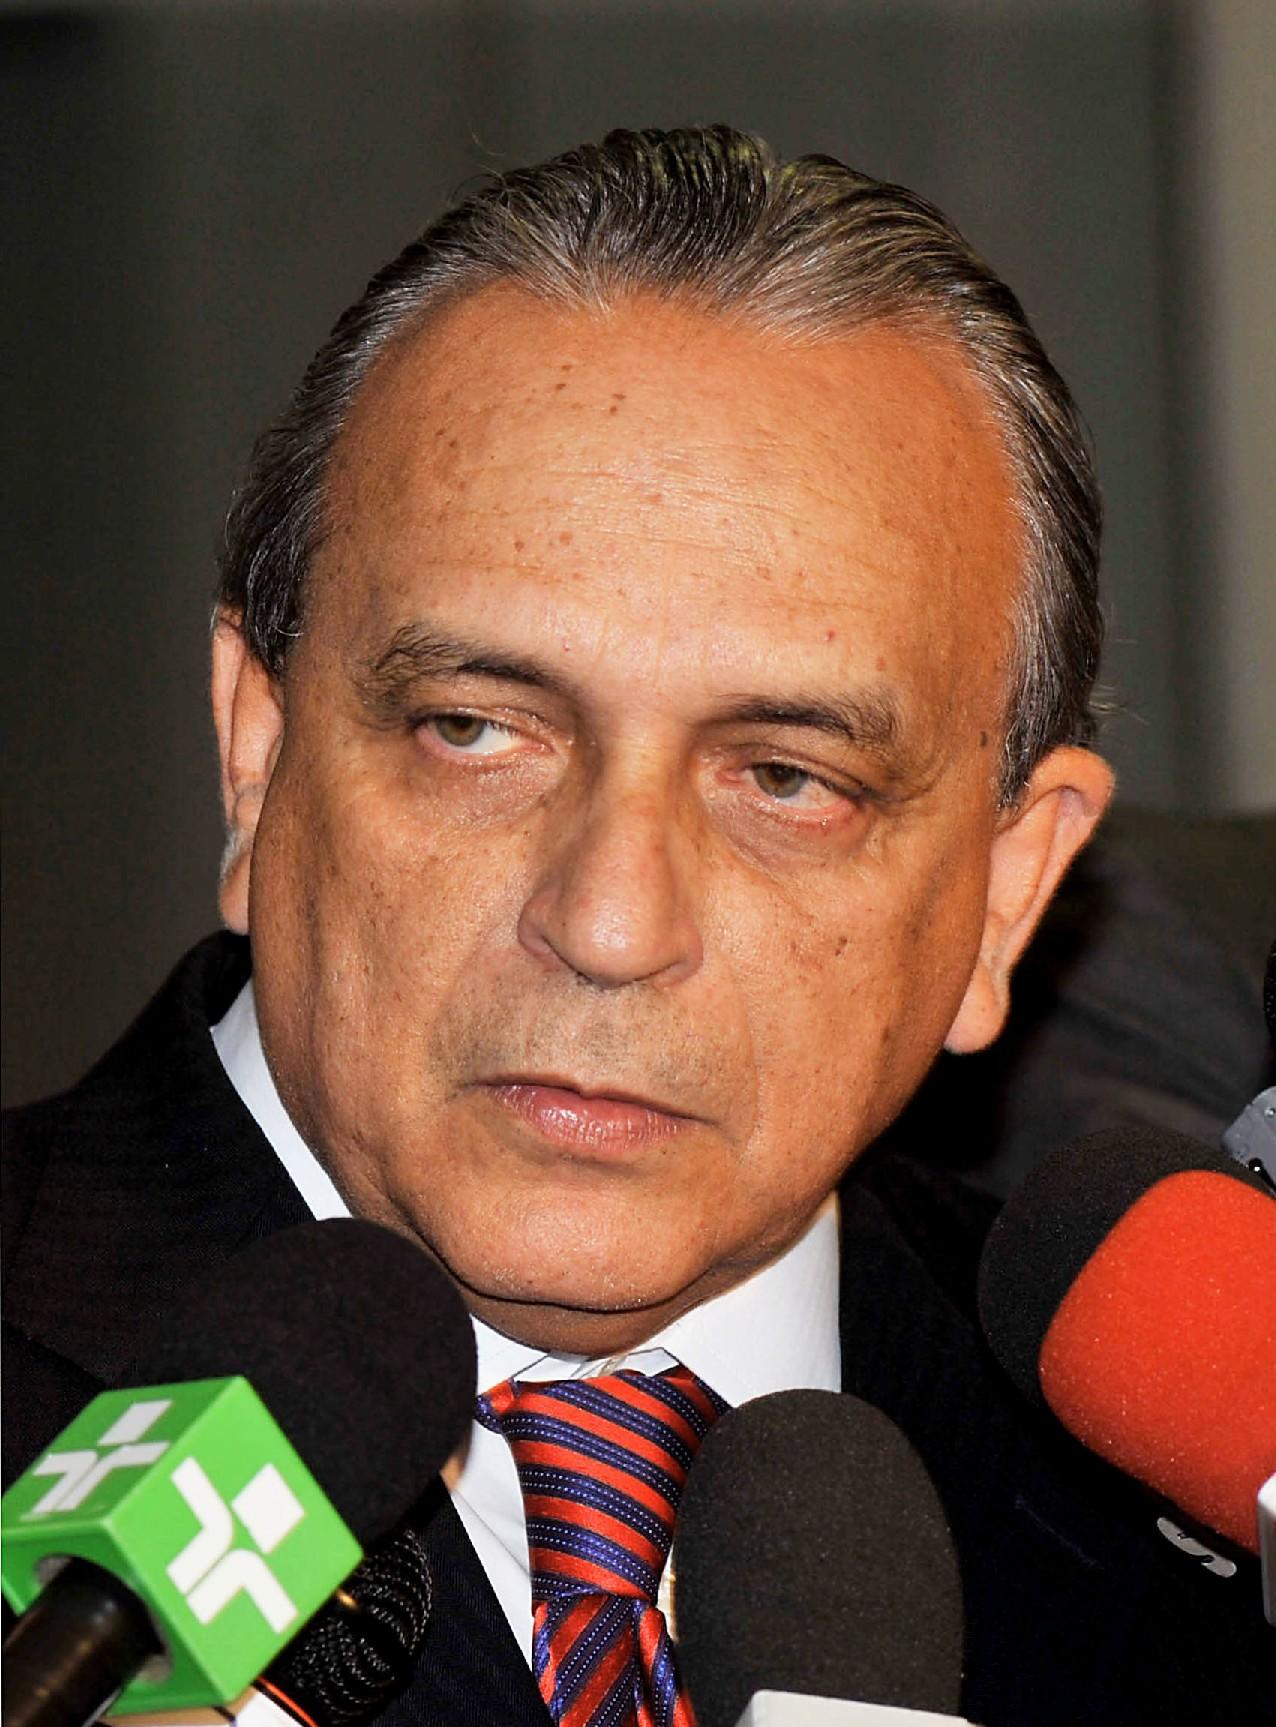 Guerra in 2009